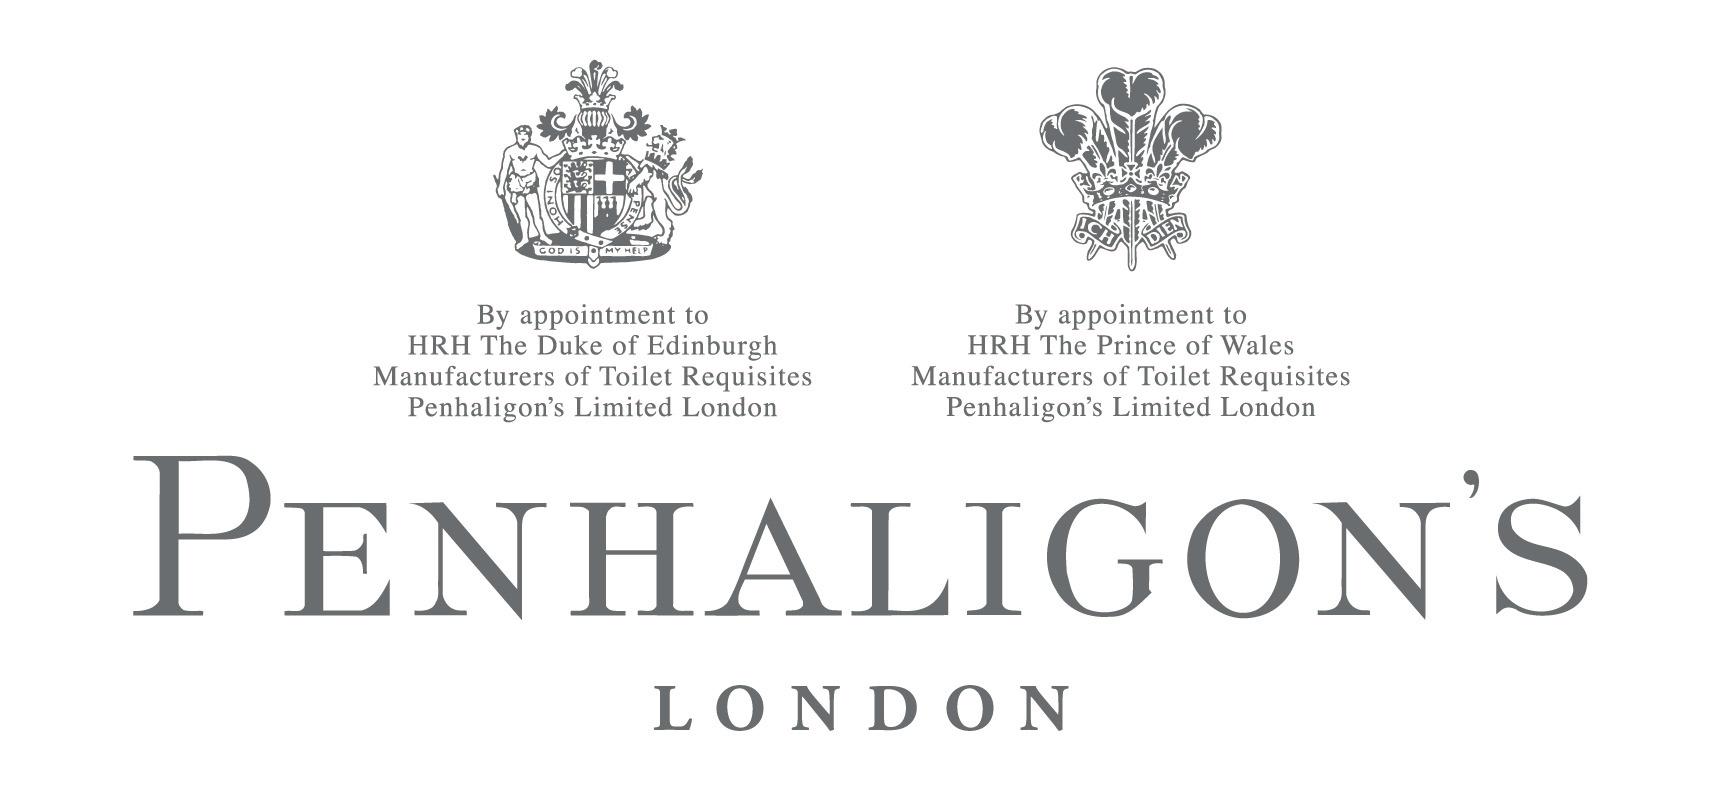 penhaligond-londres-london-parfum-cadeaux-concours-blog-voyage-en-beaute